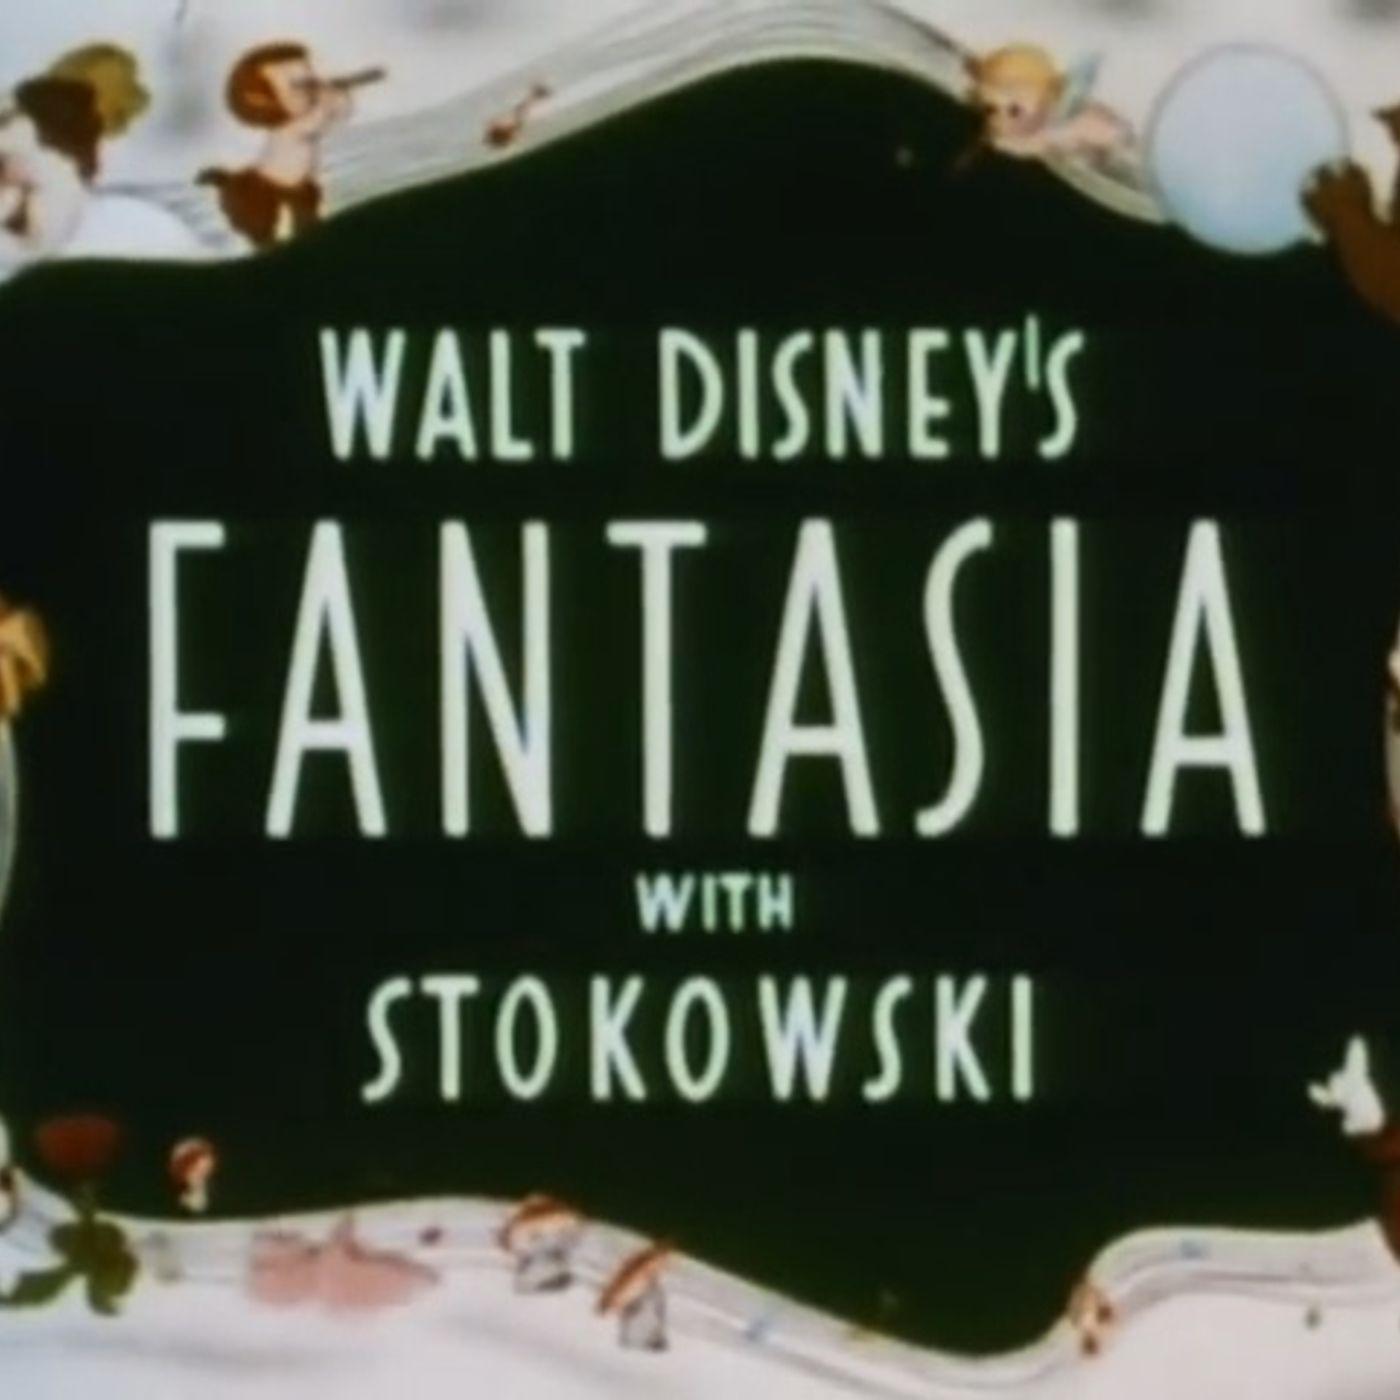 """13 novembre 1940, esce nelle sale """"Fantasia"""" della Disney - #AccadeOggi - s01e07"""